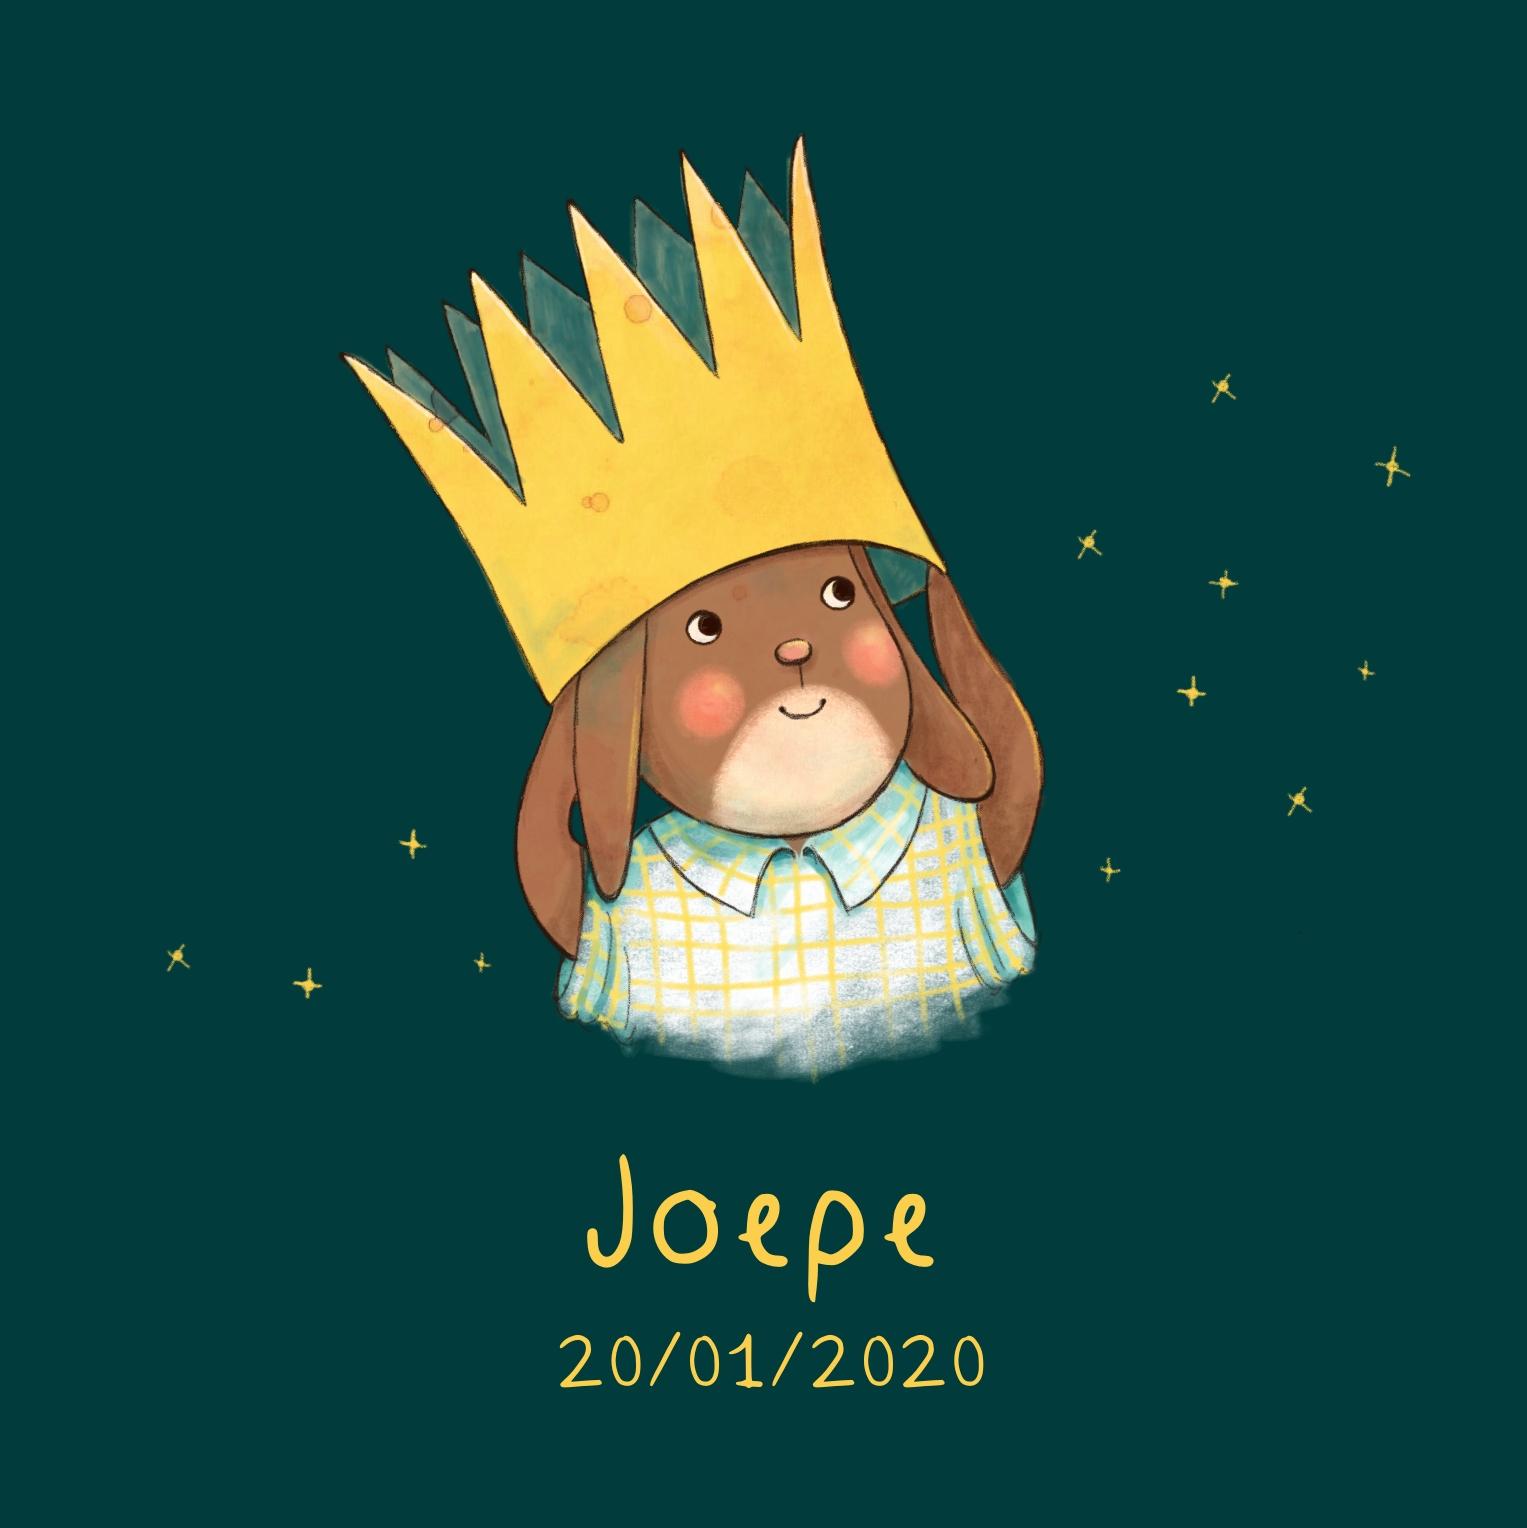 Joepe_characterdesign_Elsdecaluwe03